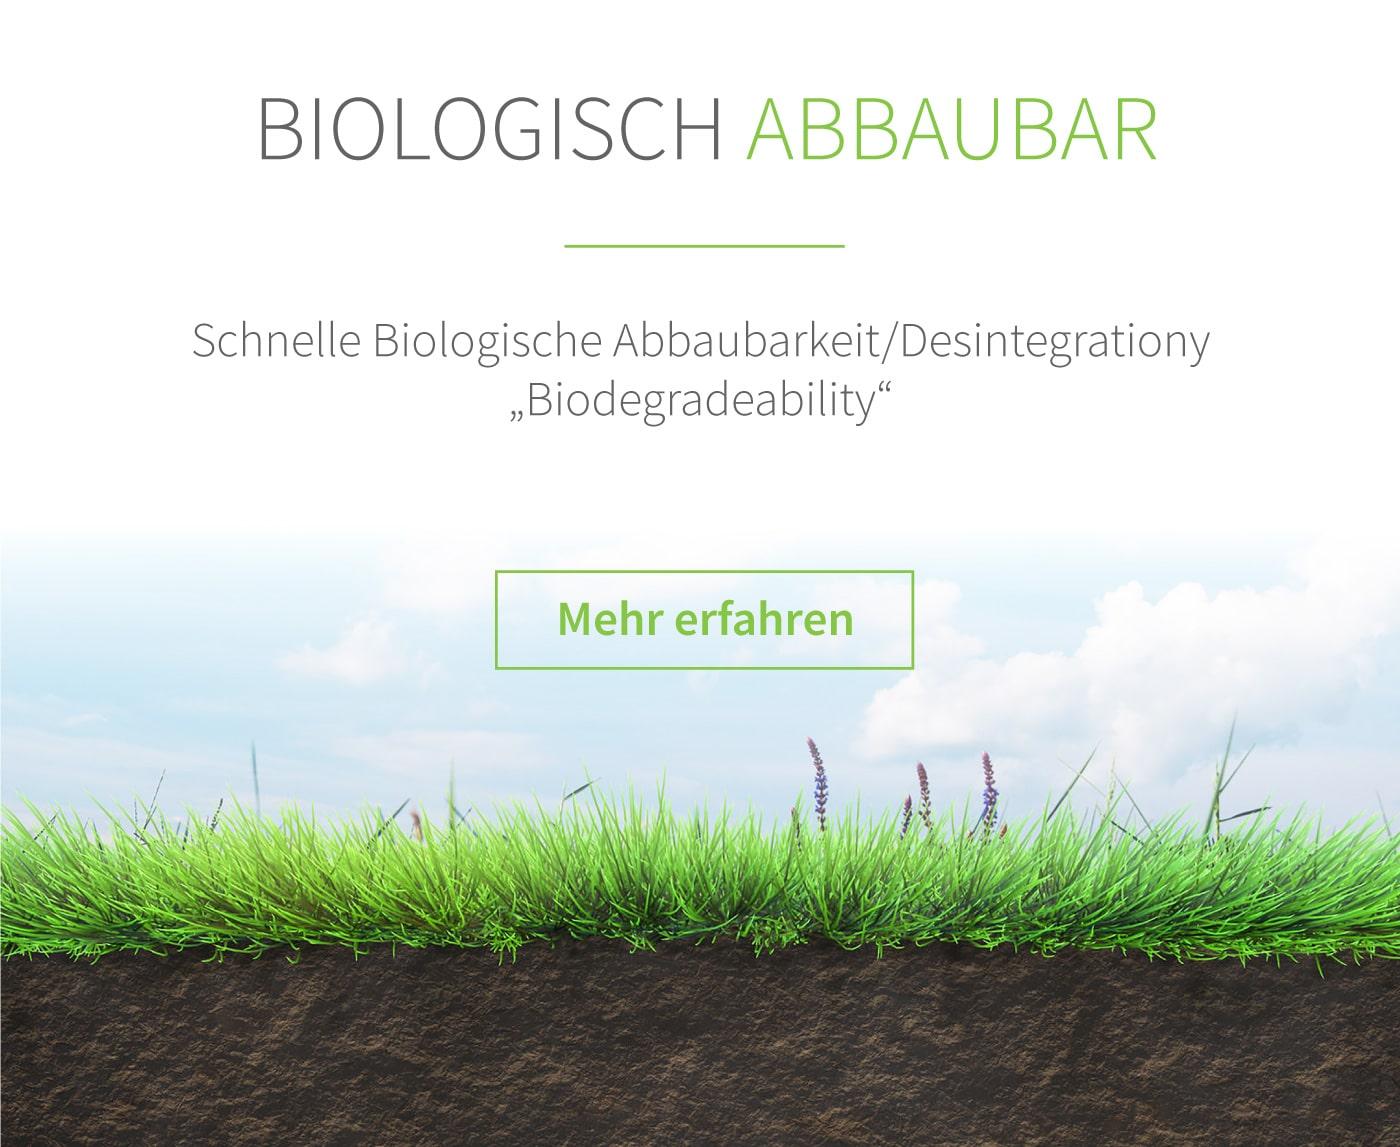 Biologische Abbaubarkeit